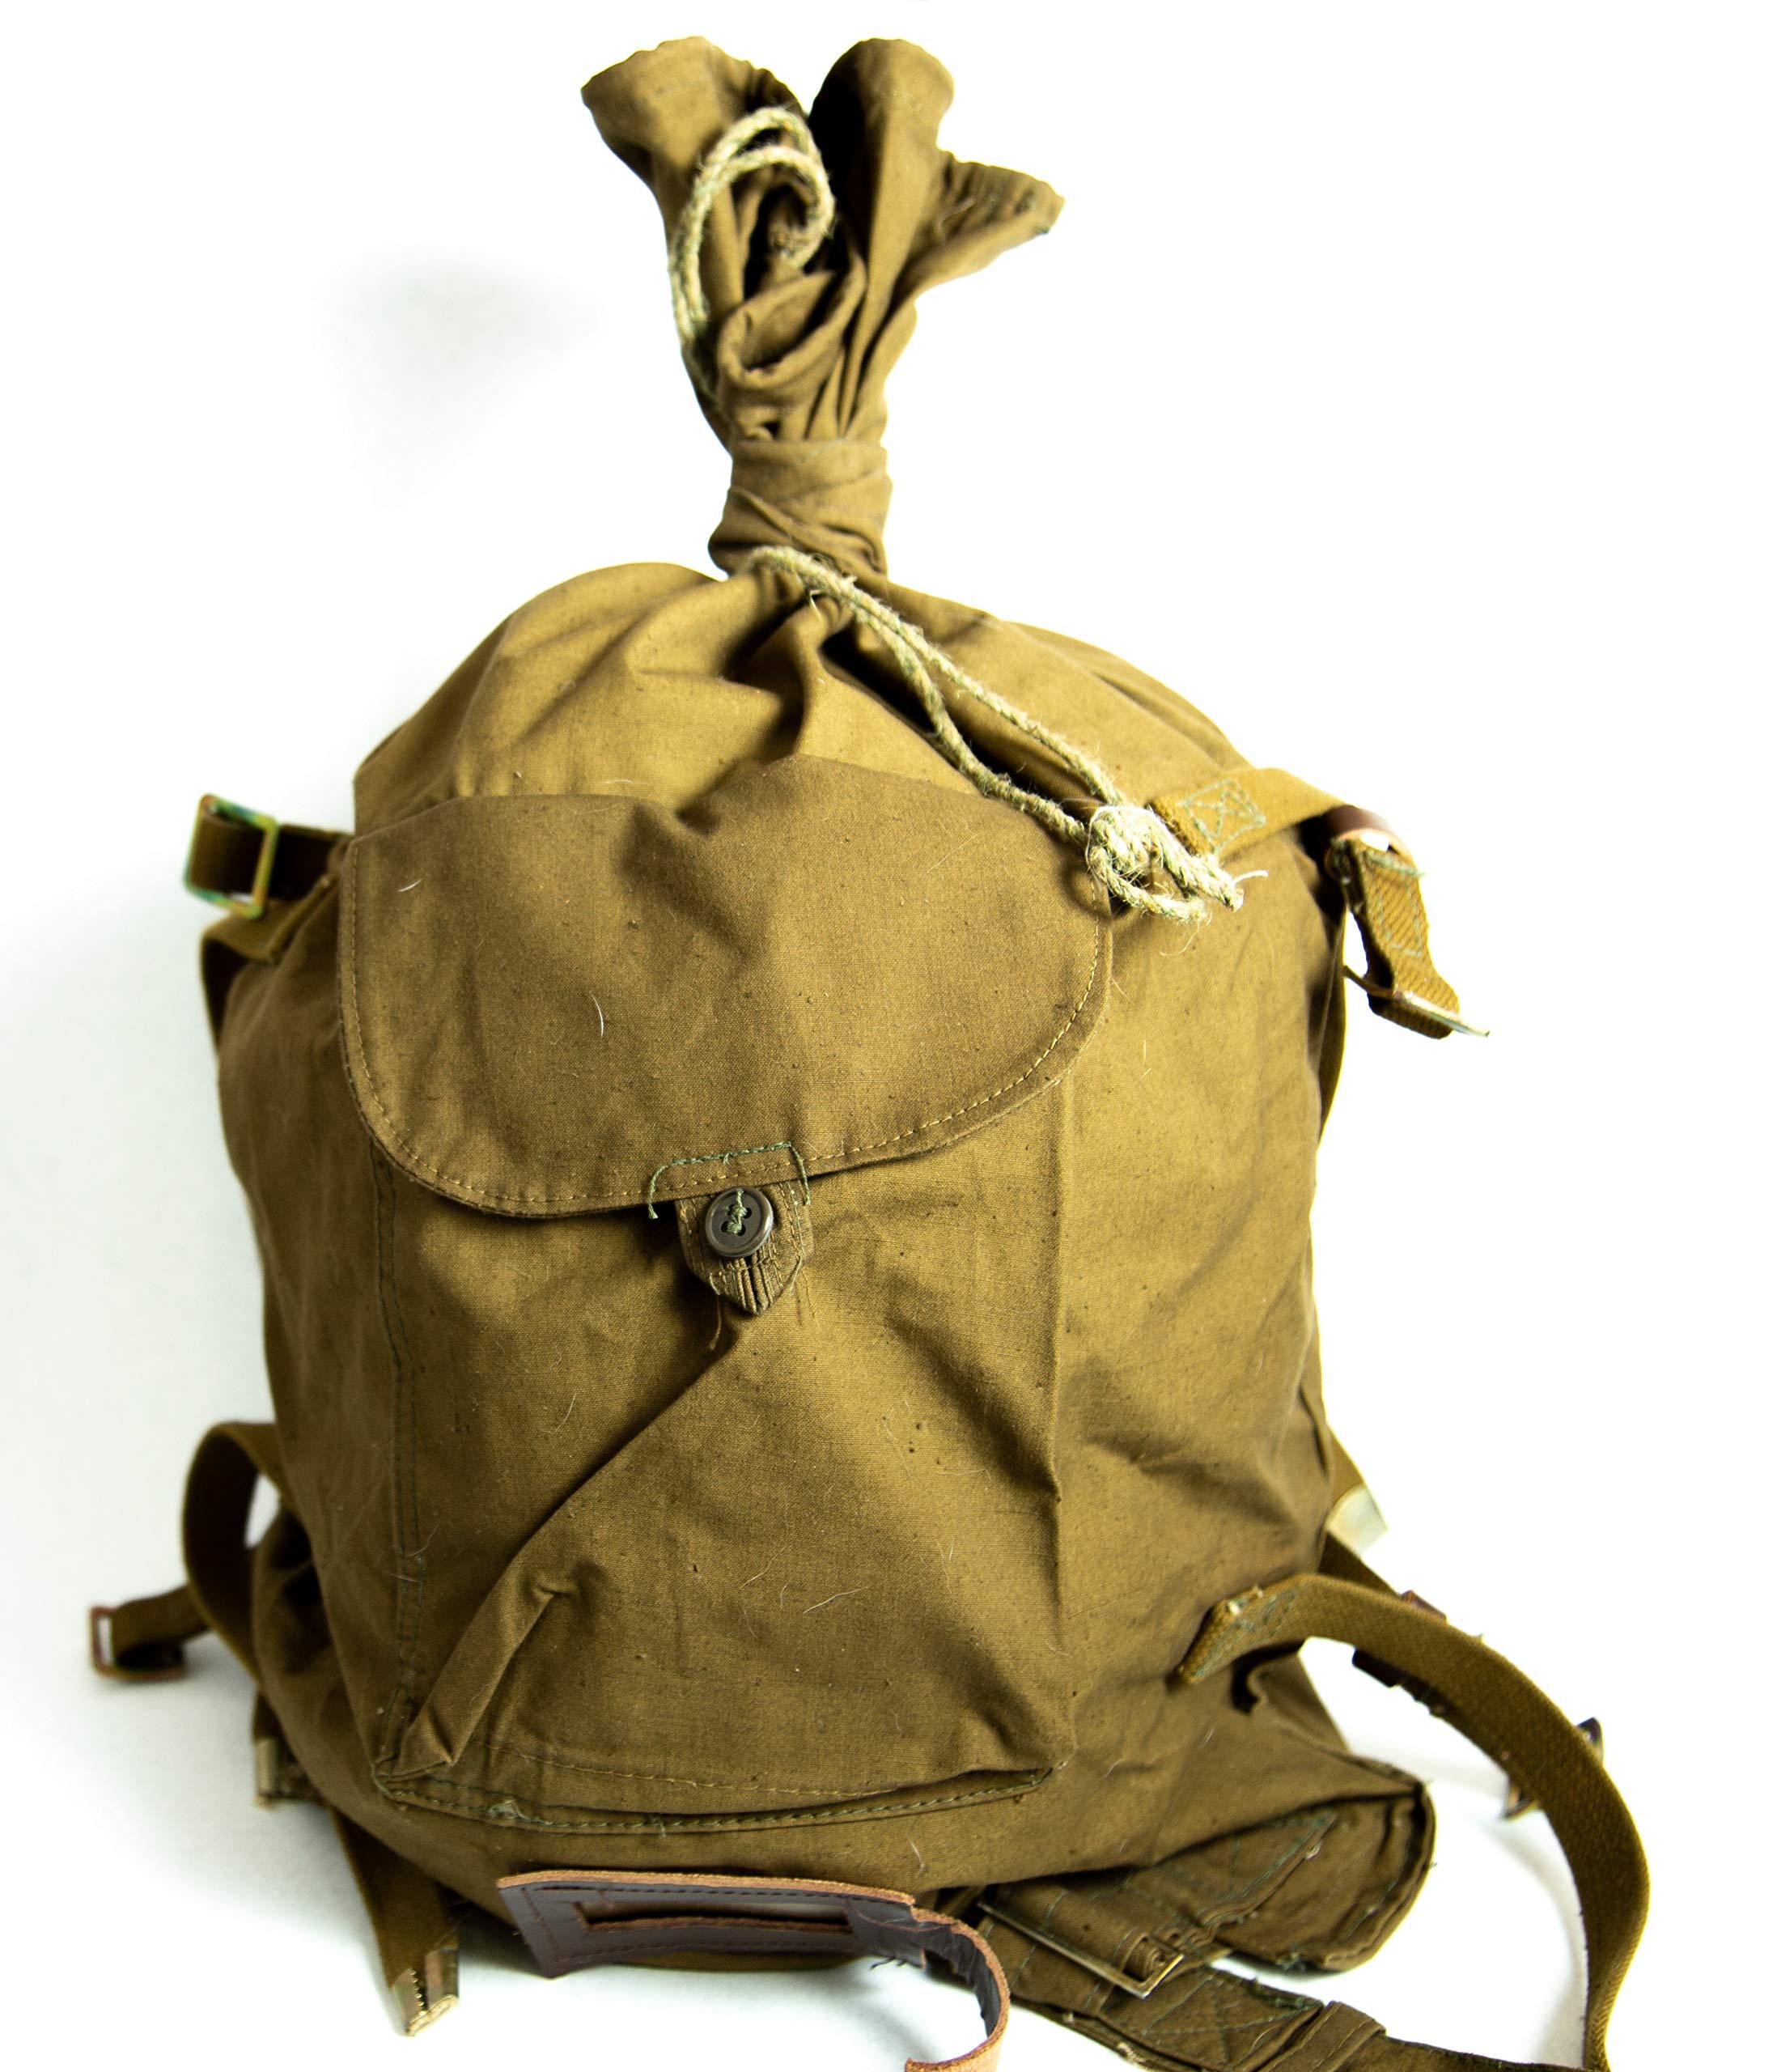 WW2 Bag USSR haversack uniform backpack knapsack original 1960-70s FATHRT'S DAY GIFT